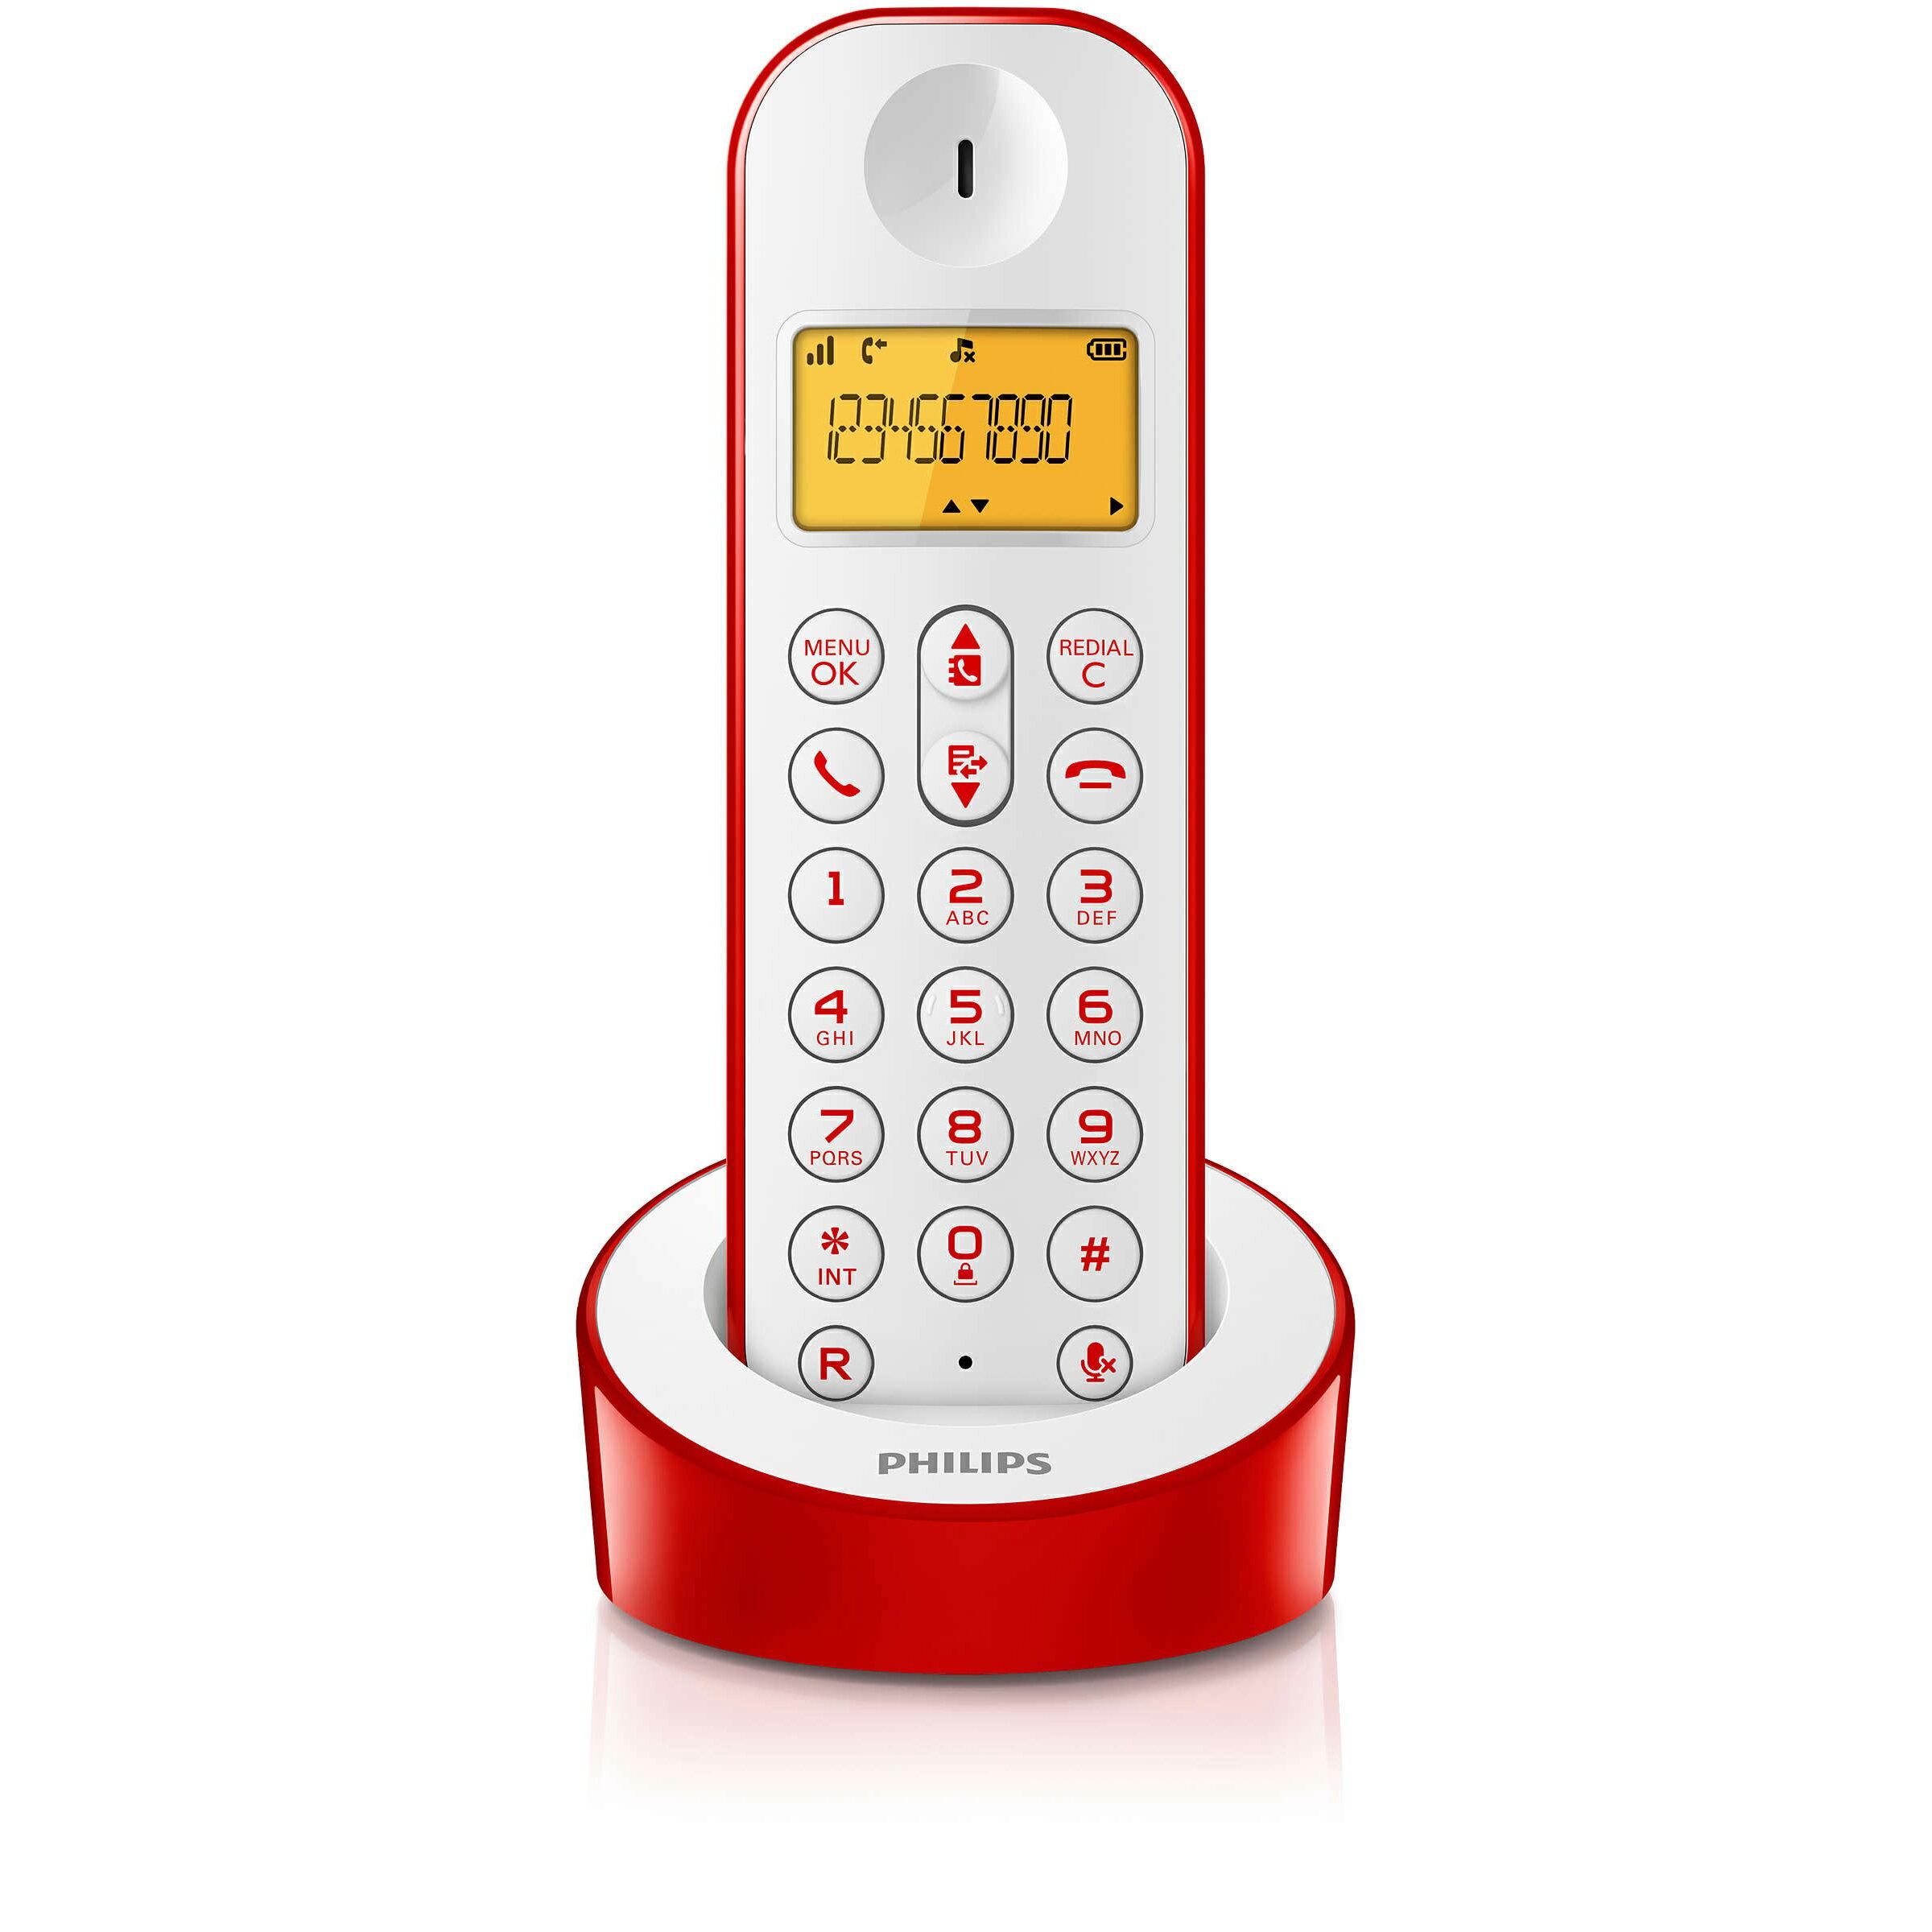 飛利浦 Philips 數位無線電話 D1201